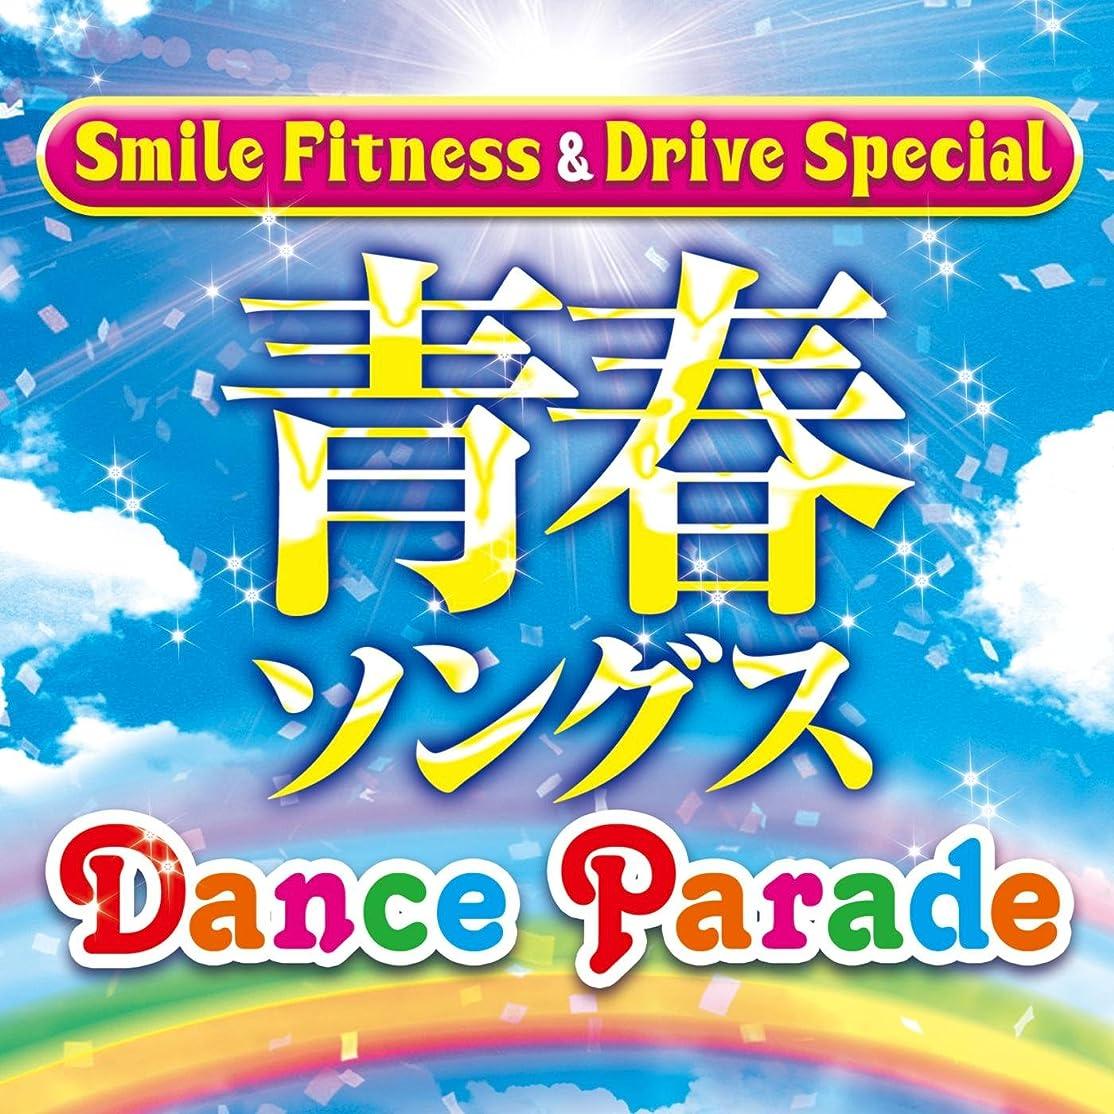 ドラッグ禁輸鋭くSmile Fitness & Drive Special 青春ソングス Dance Parade